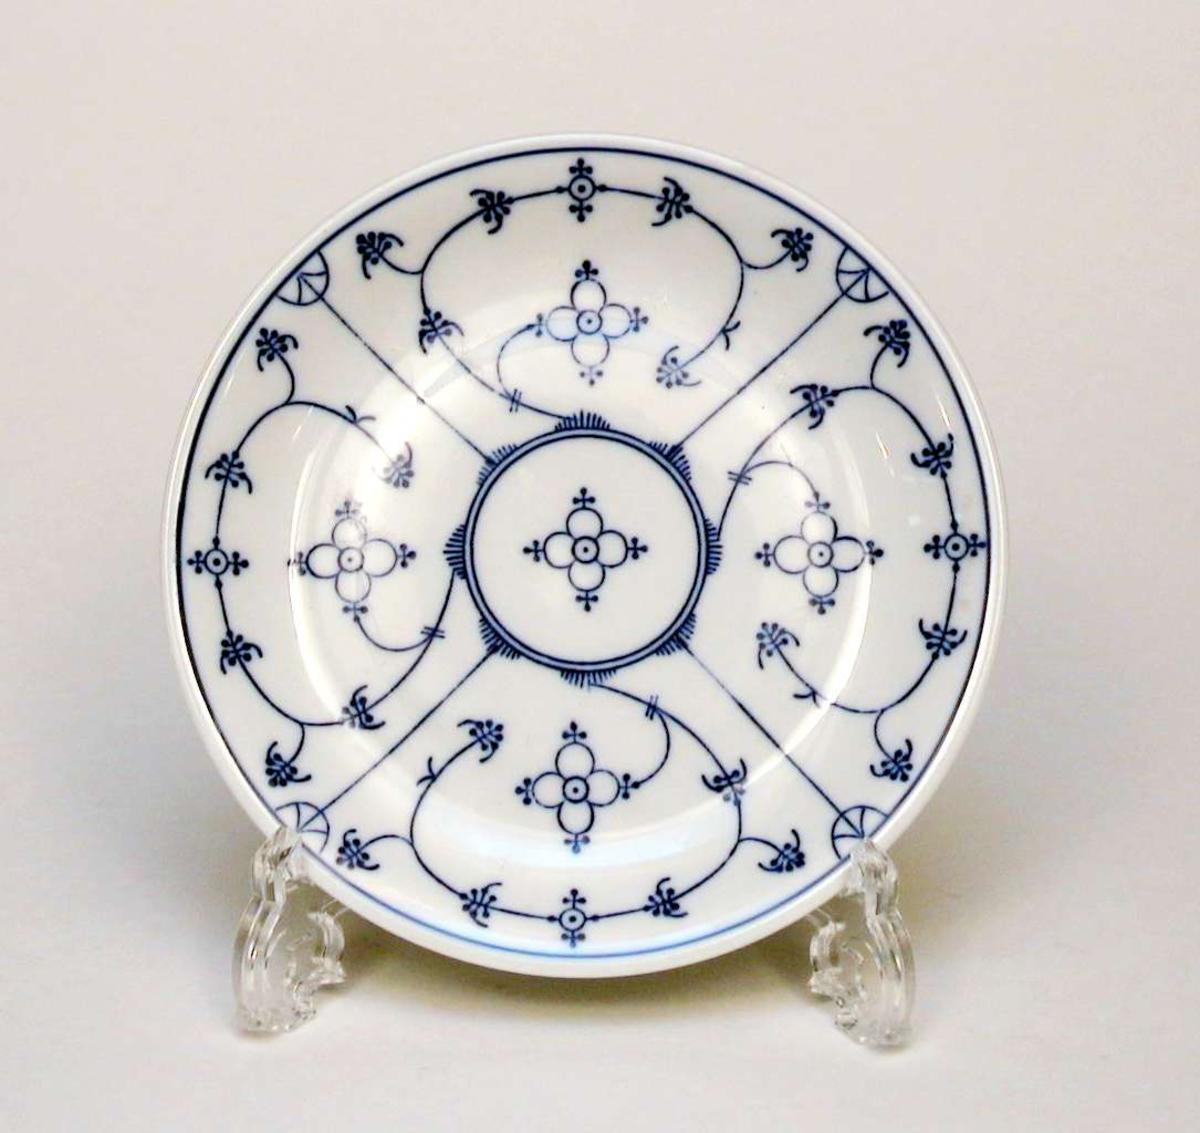 Hvit tallerken med blå dekor (musselmønster).